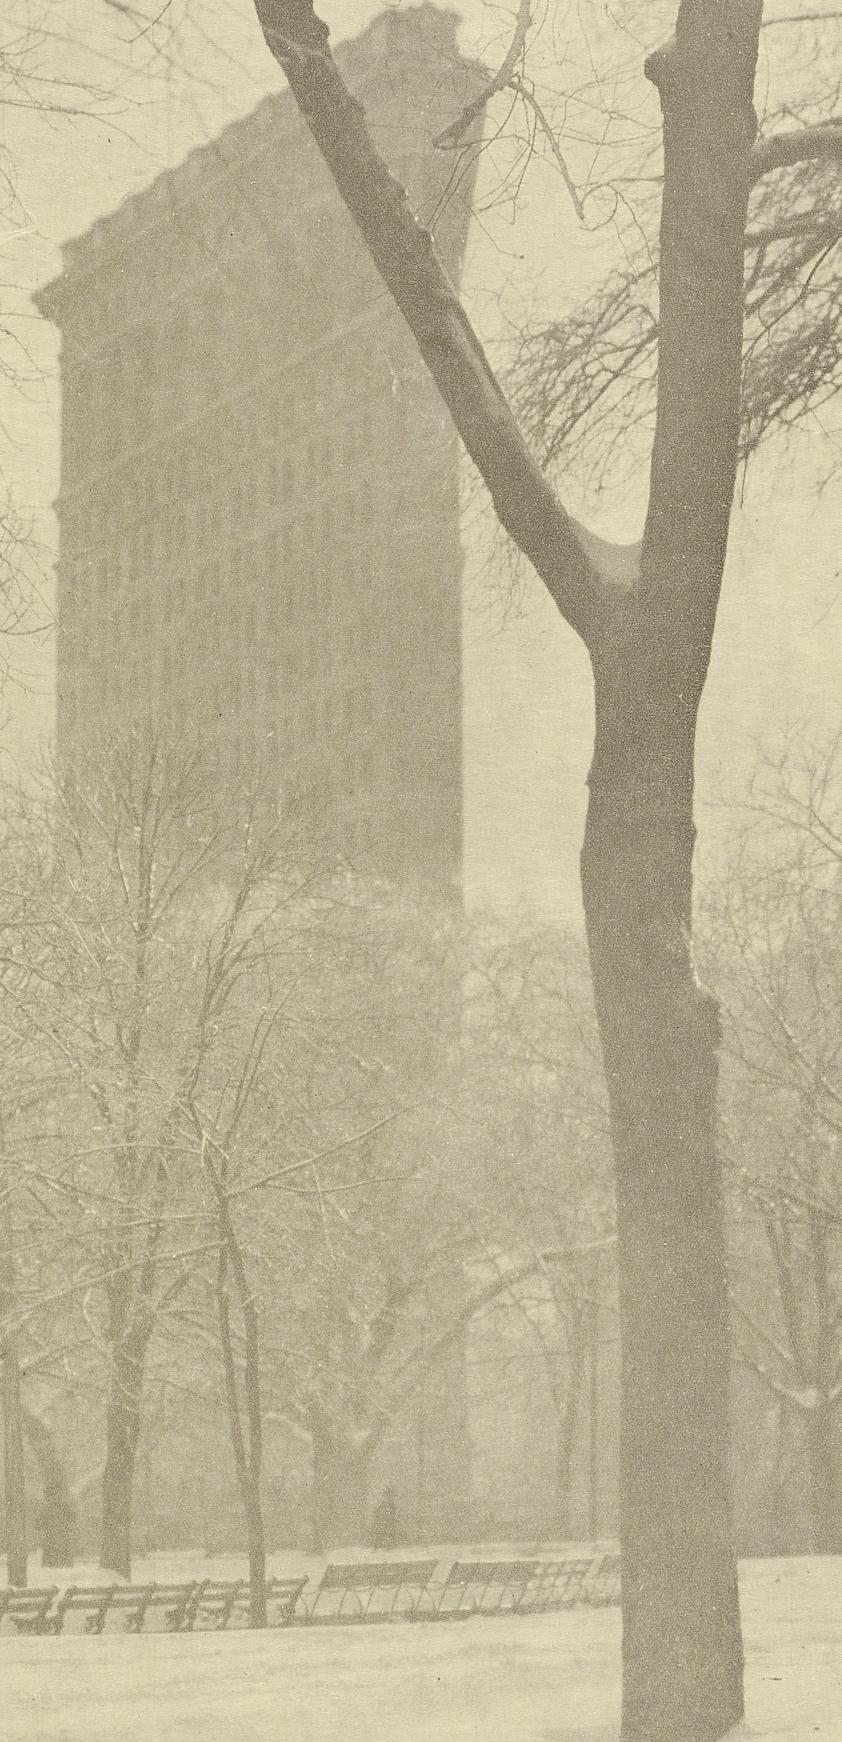 Alfred Stieglitz,  Flatiron Building , 1903